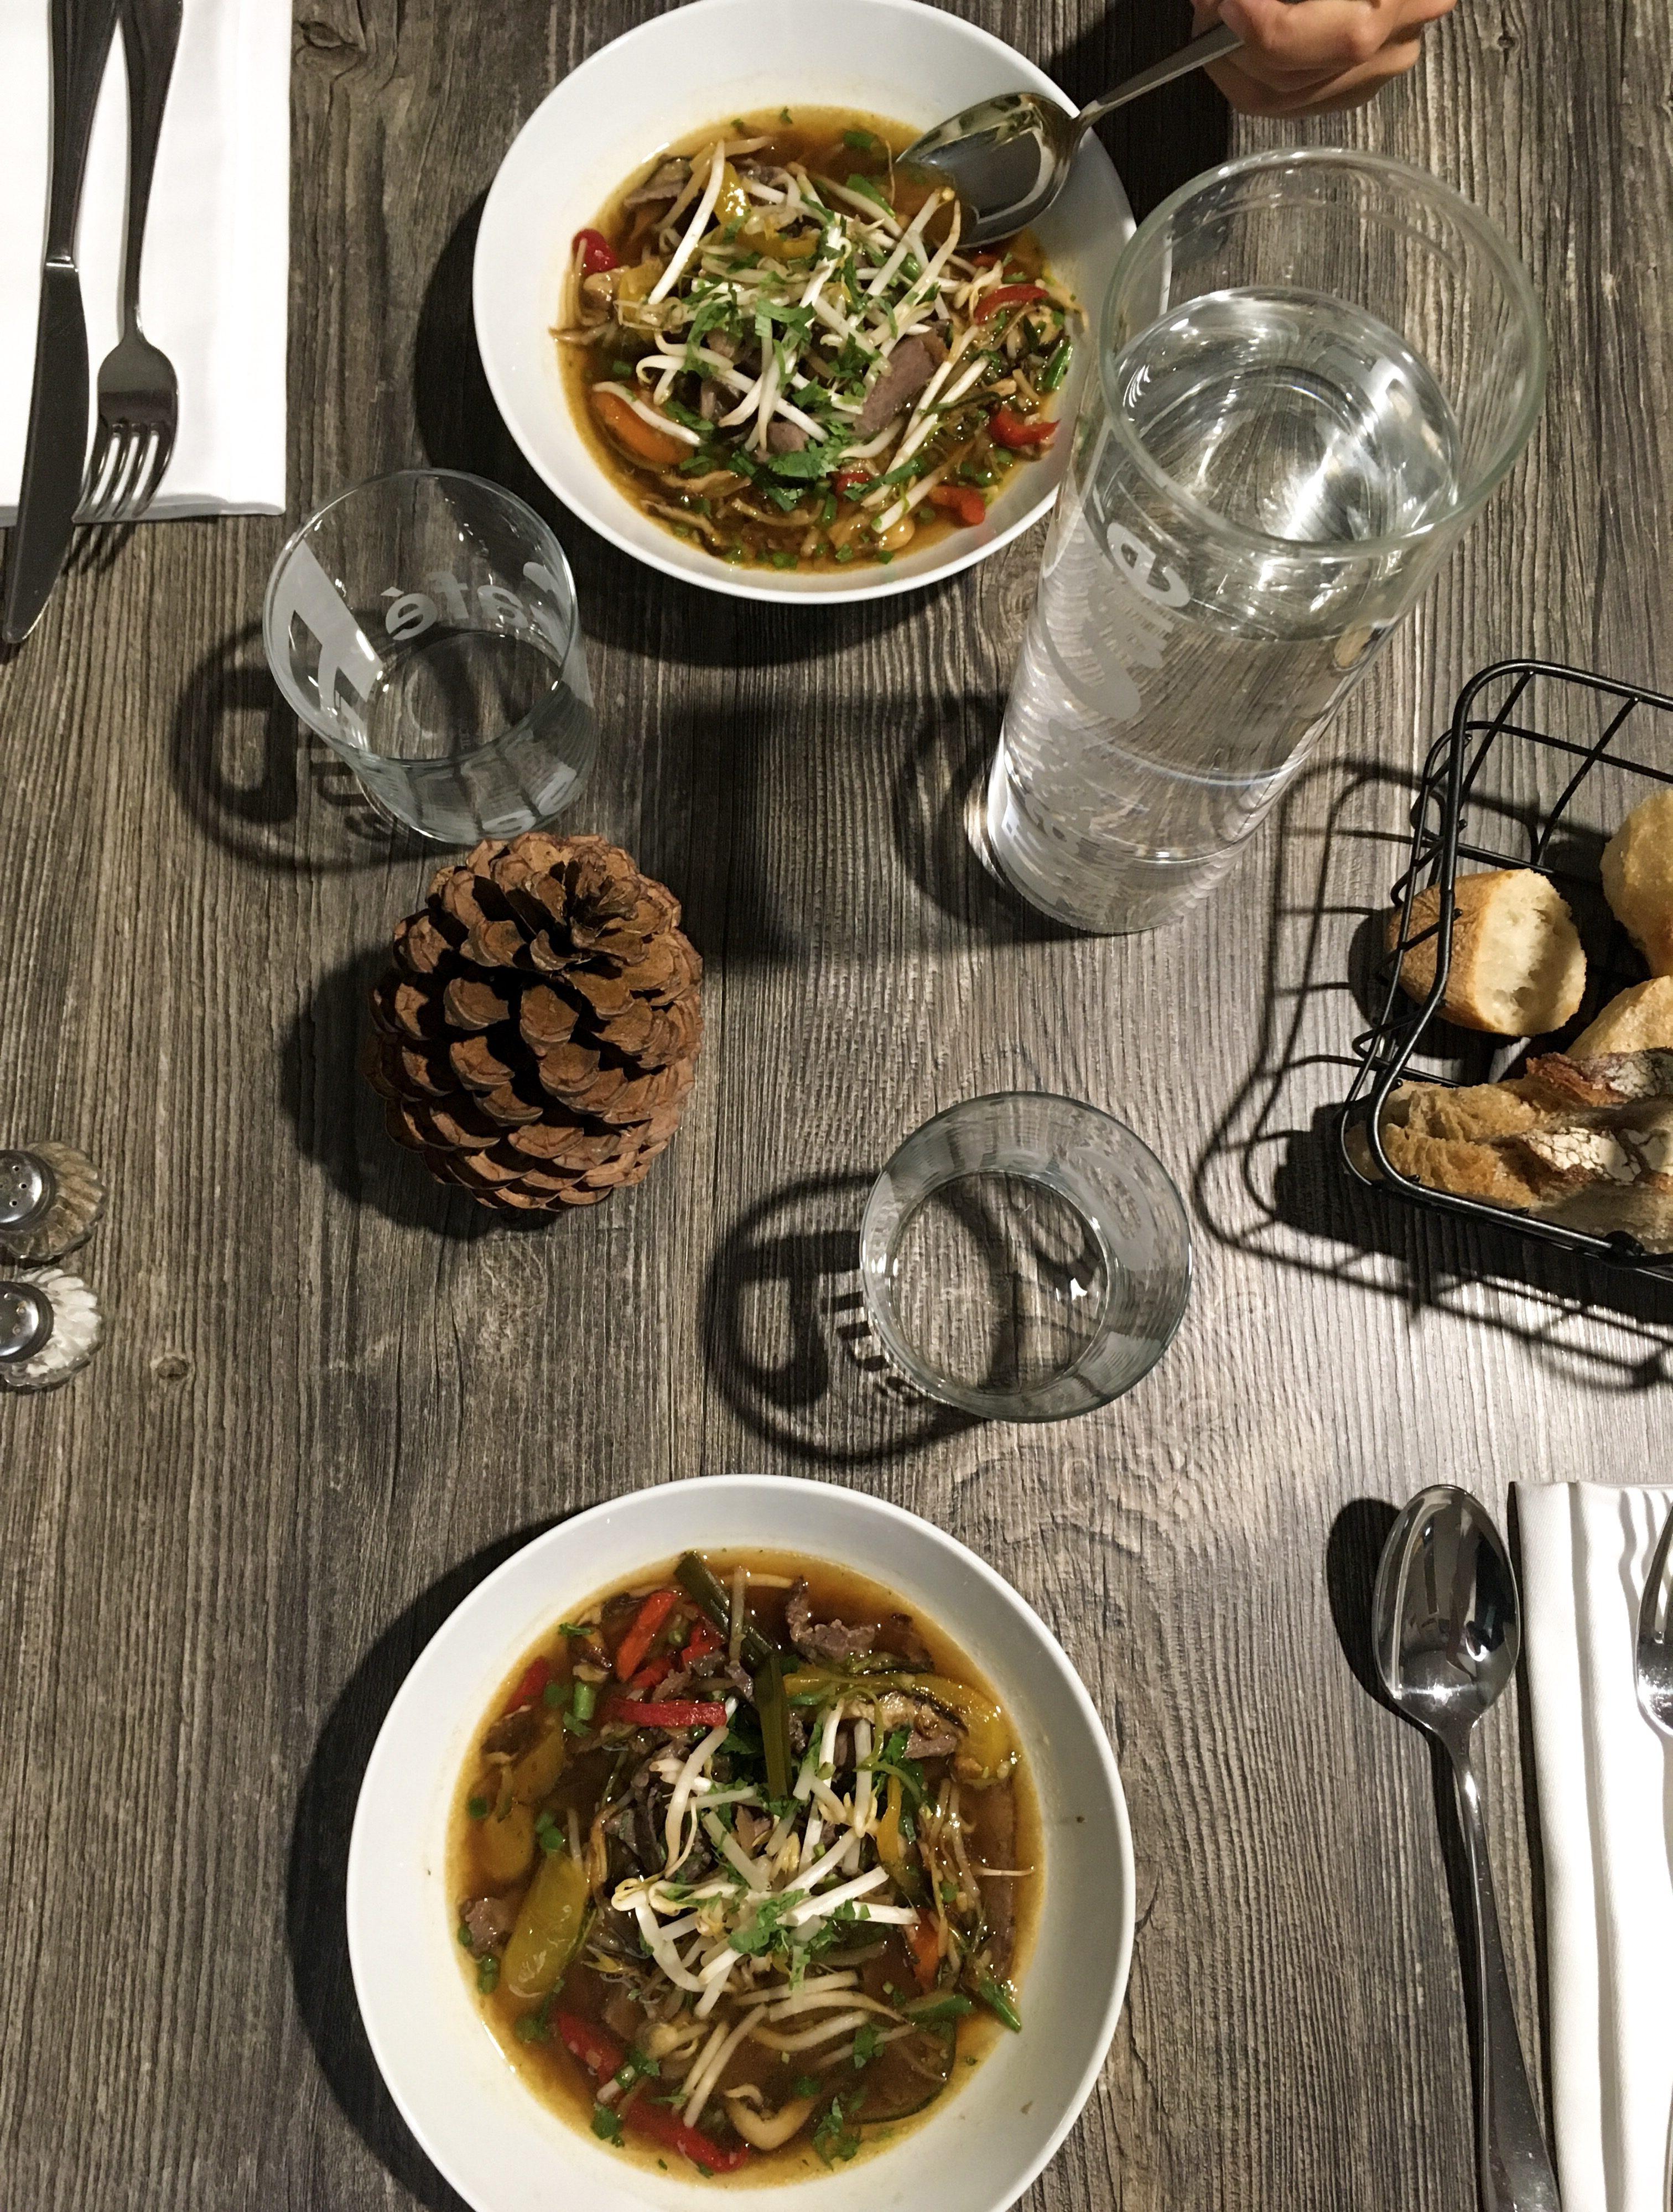 domaine-du-ferret-balneo-spa-week-end-detente-au-domaine-du-ferret-cabanon-du-pinasse-repas-diner-entree-chef-restaurant-lodge-domaine-du-ferret-claouey-les-ptits-touristes-blog-voyage